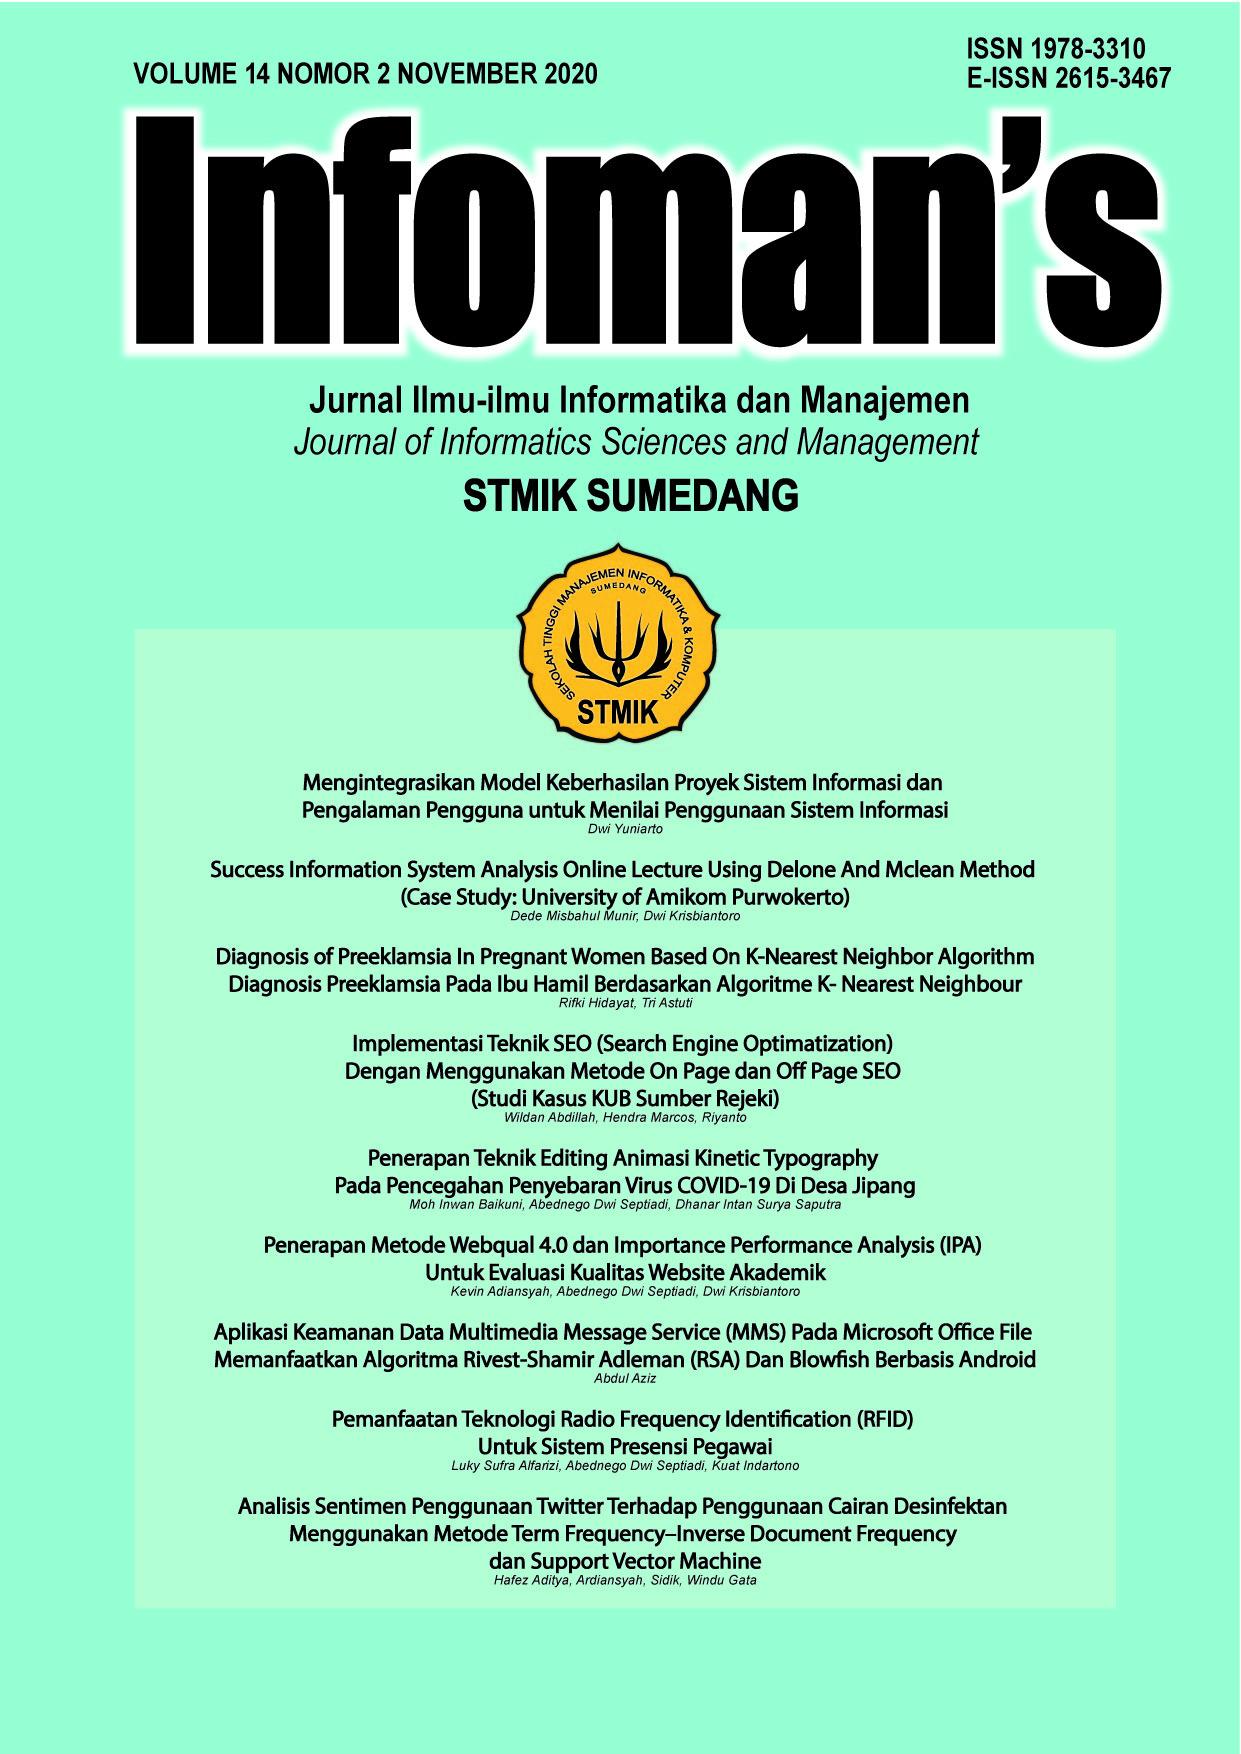 Infoman's Volume 14 No 2 November 2020